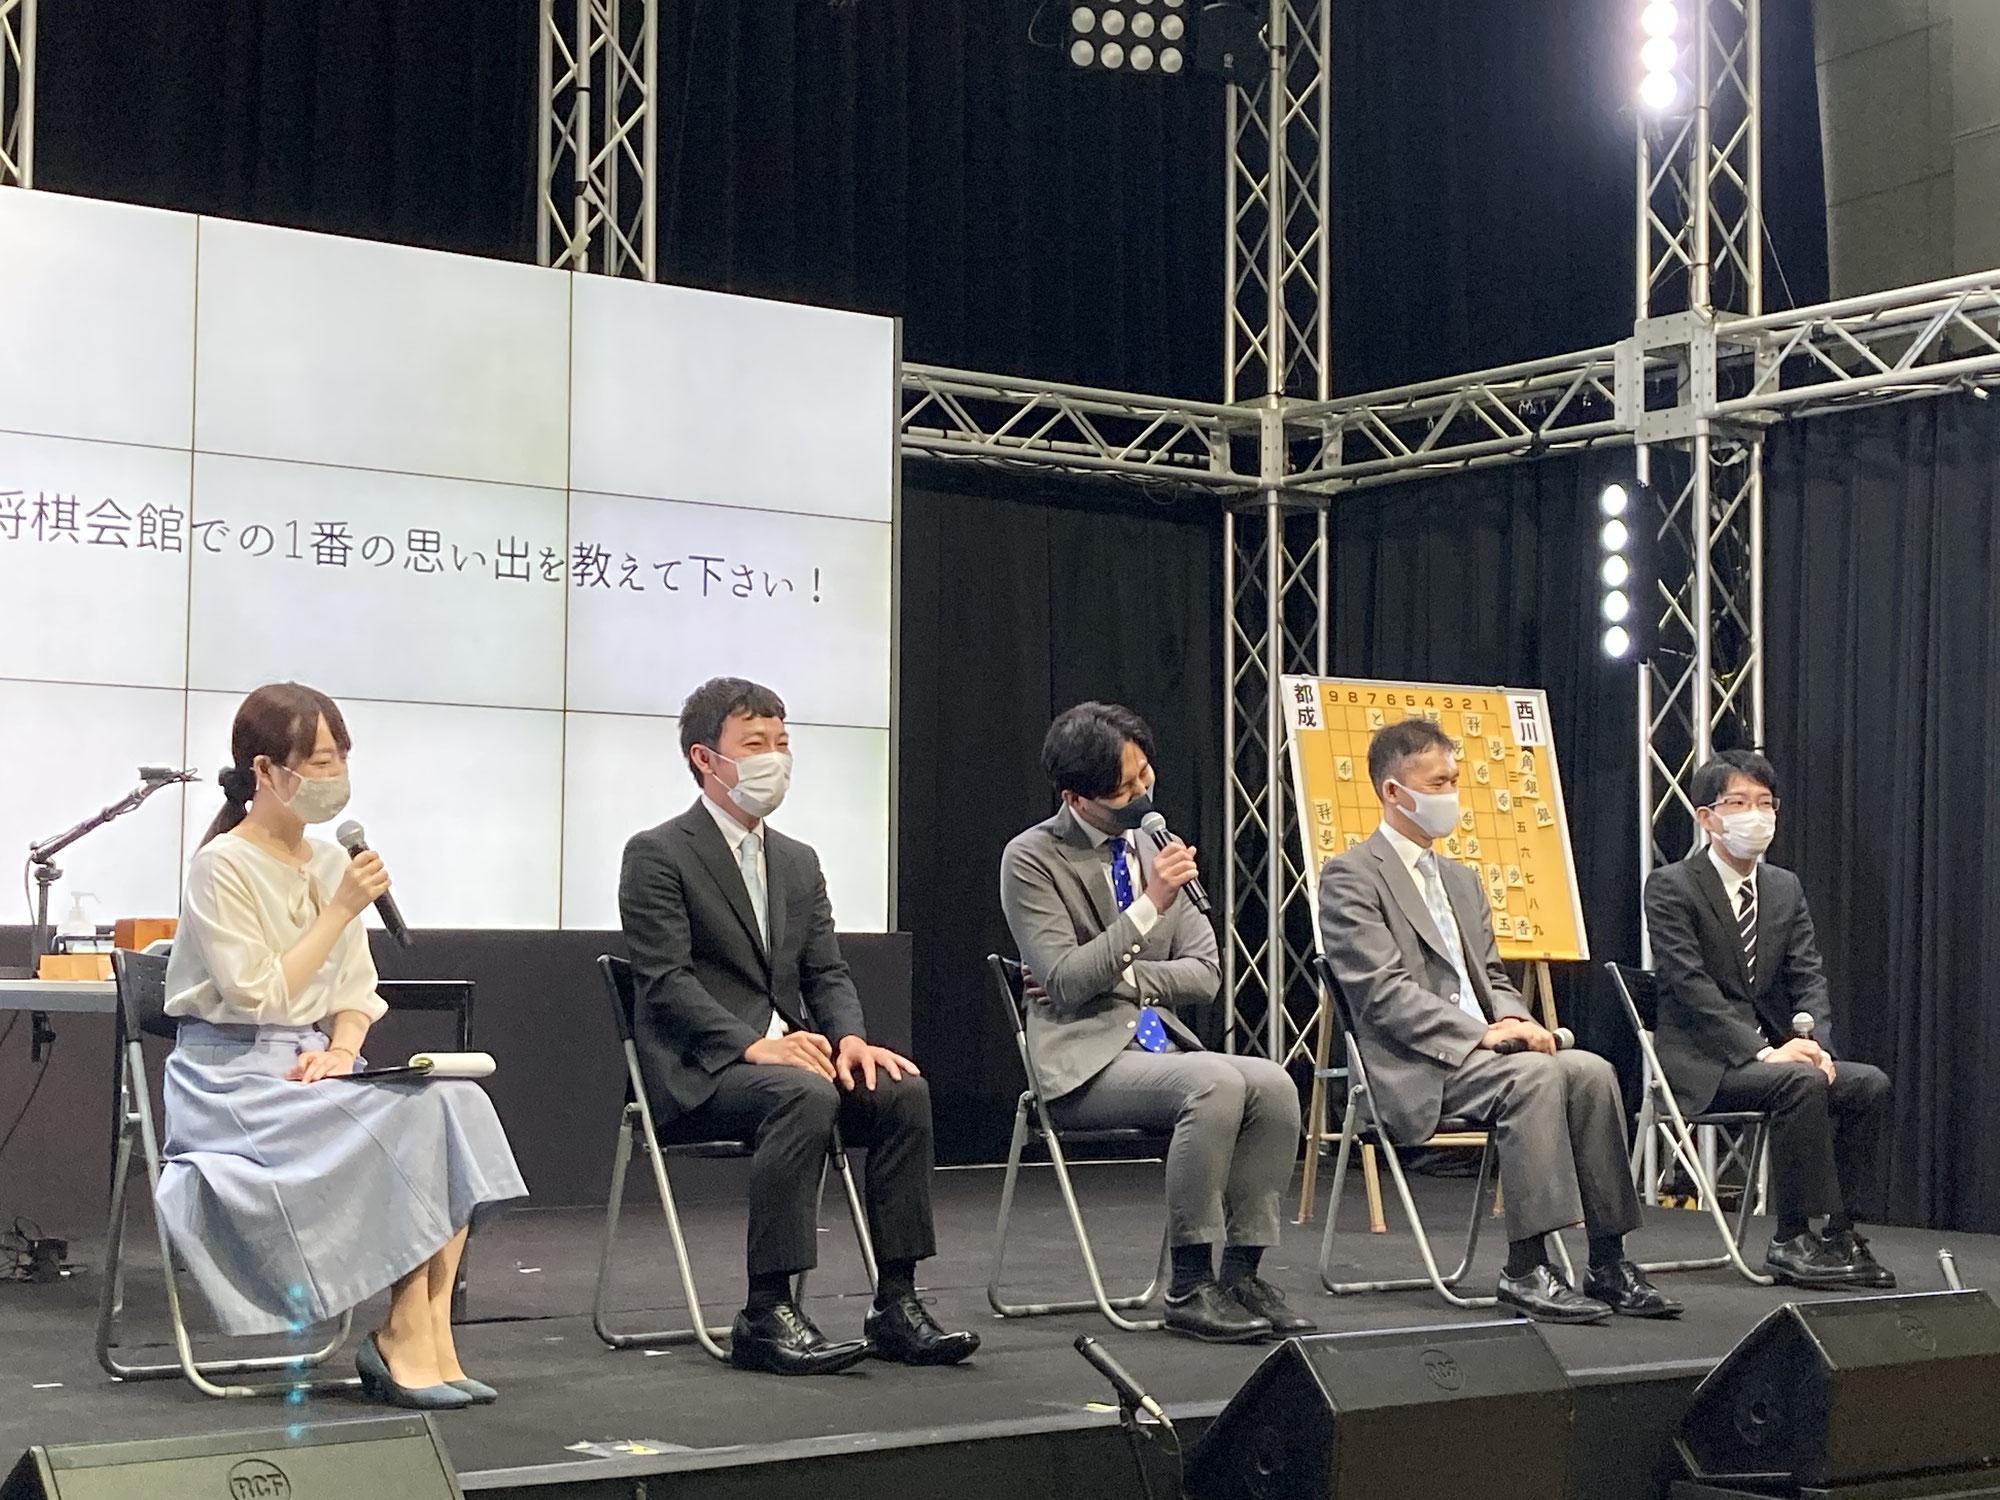 「関西将棋フェスティバルinMBS~オンラインで見れますよ!~」2日目開催報告